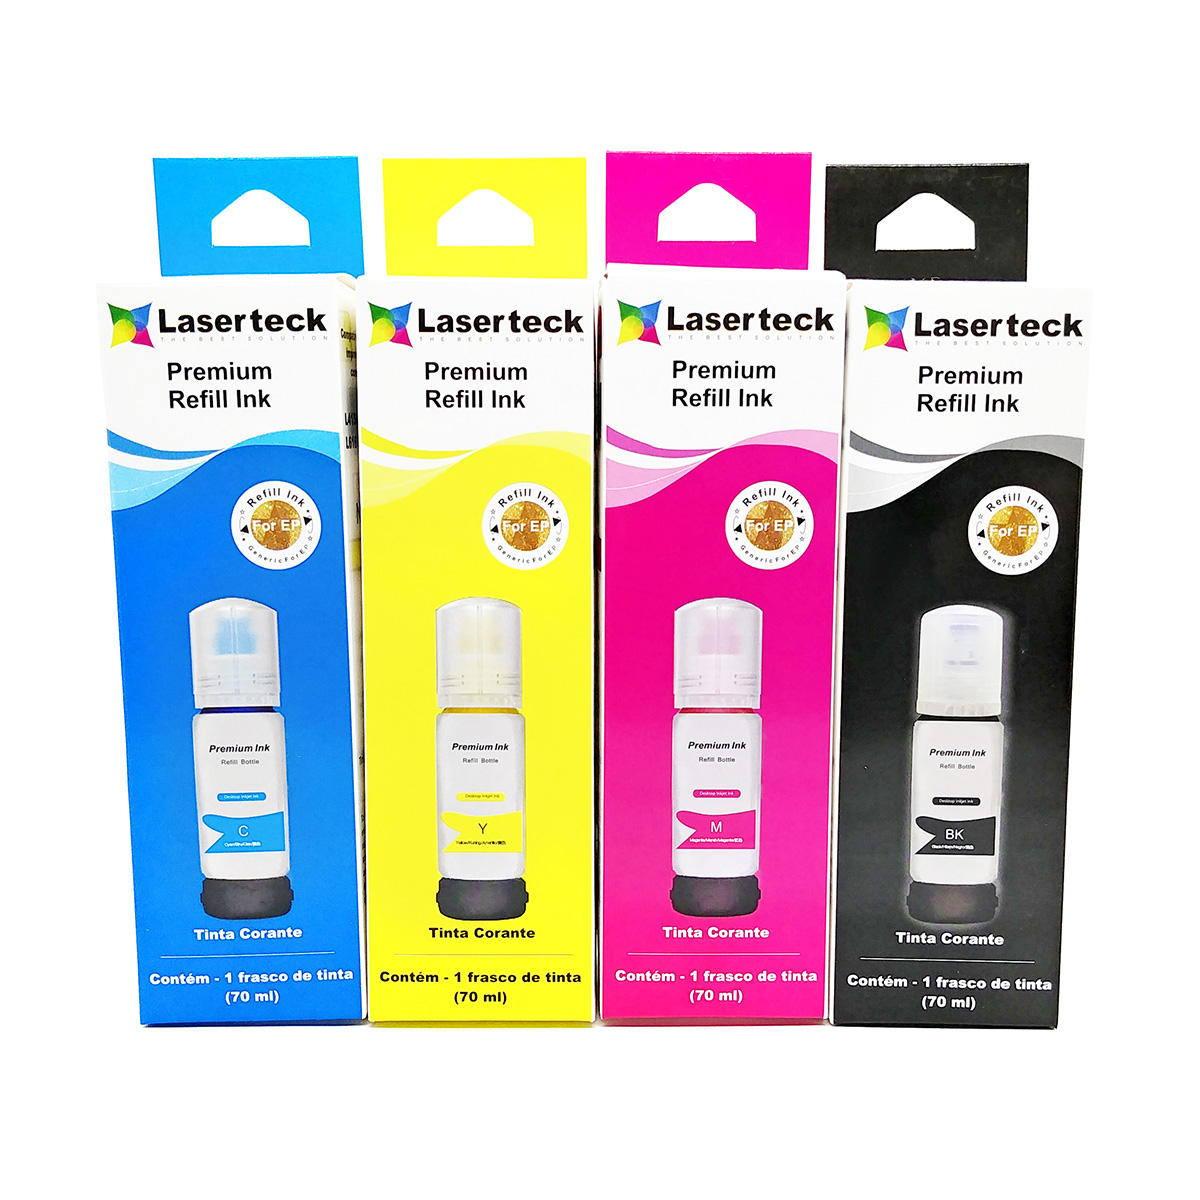 Compatível: Kit Colorido de Tinta Corante Laserteck para Epson L4150 L4160 L6160 L6161 L6171 L6190 L6191 / 4x70ml